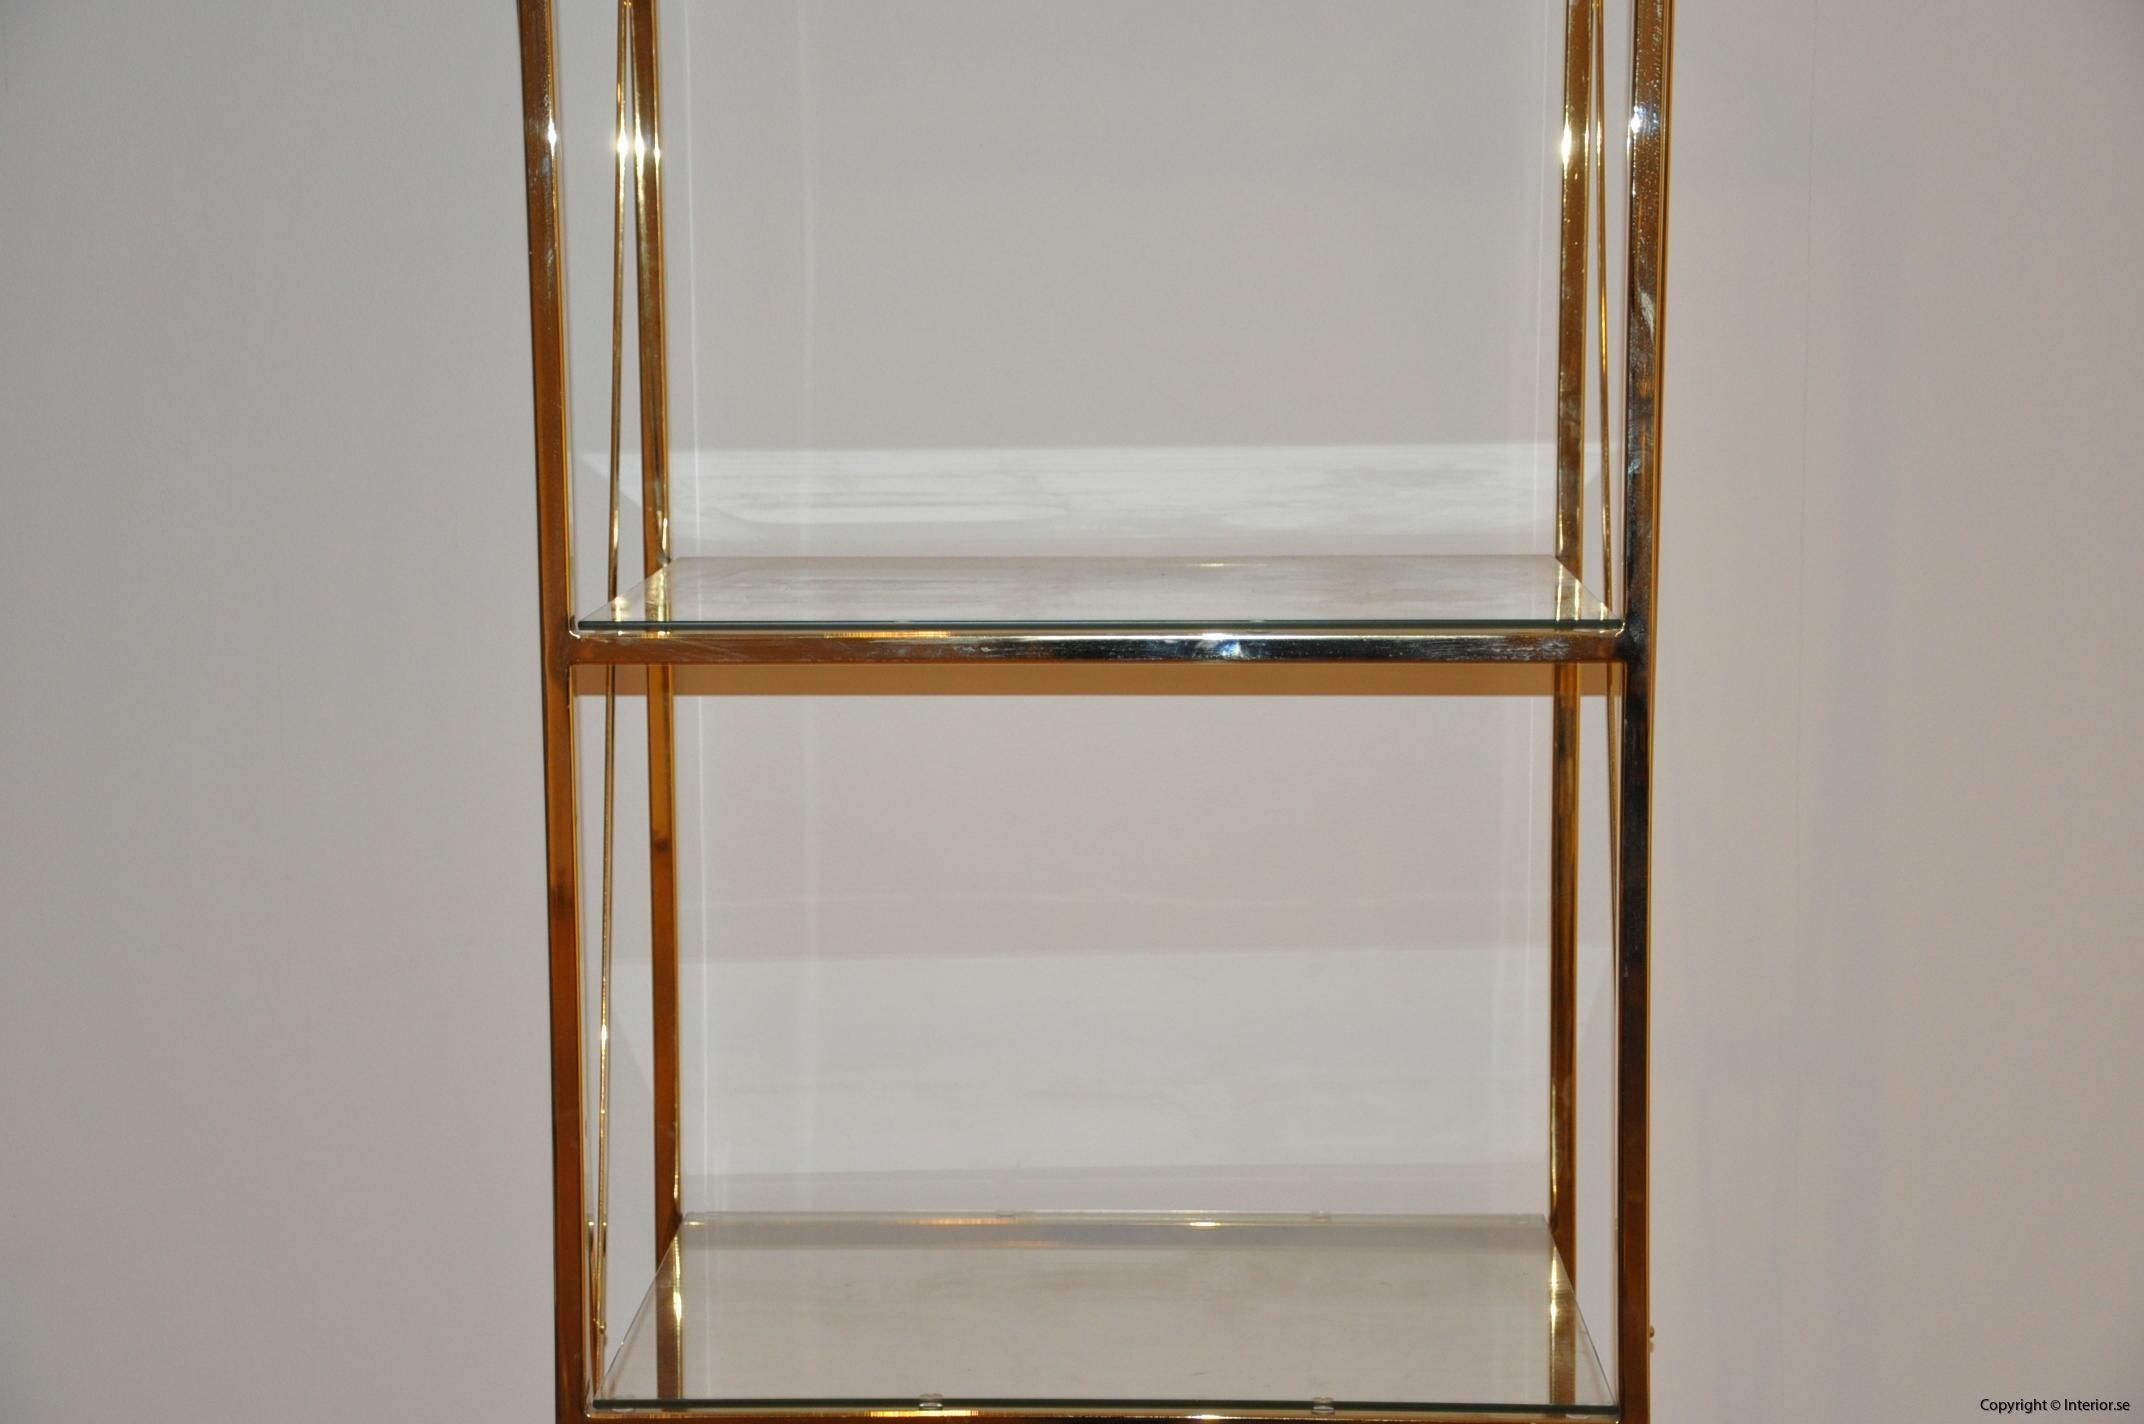 hylla glashylla mässing glas förvaring desingmöbler (3)